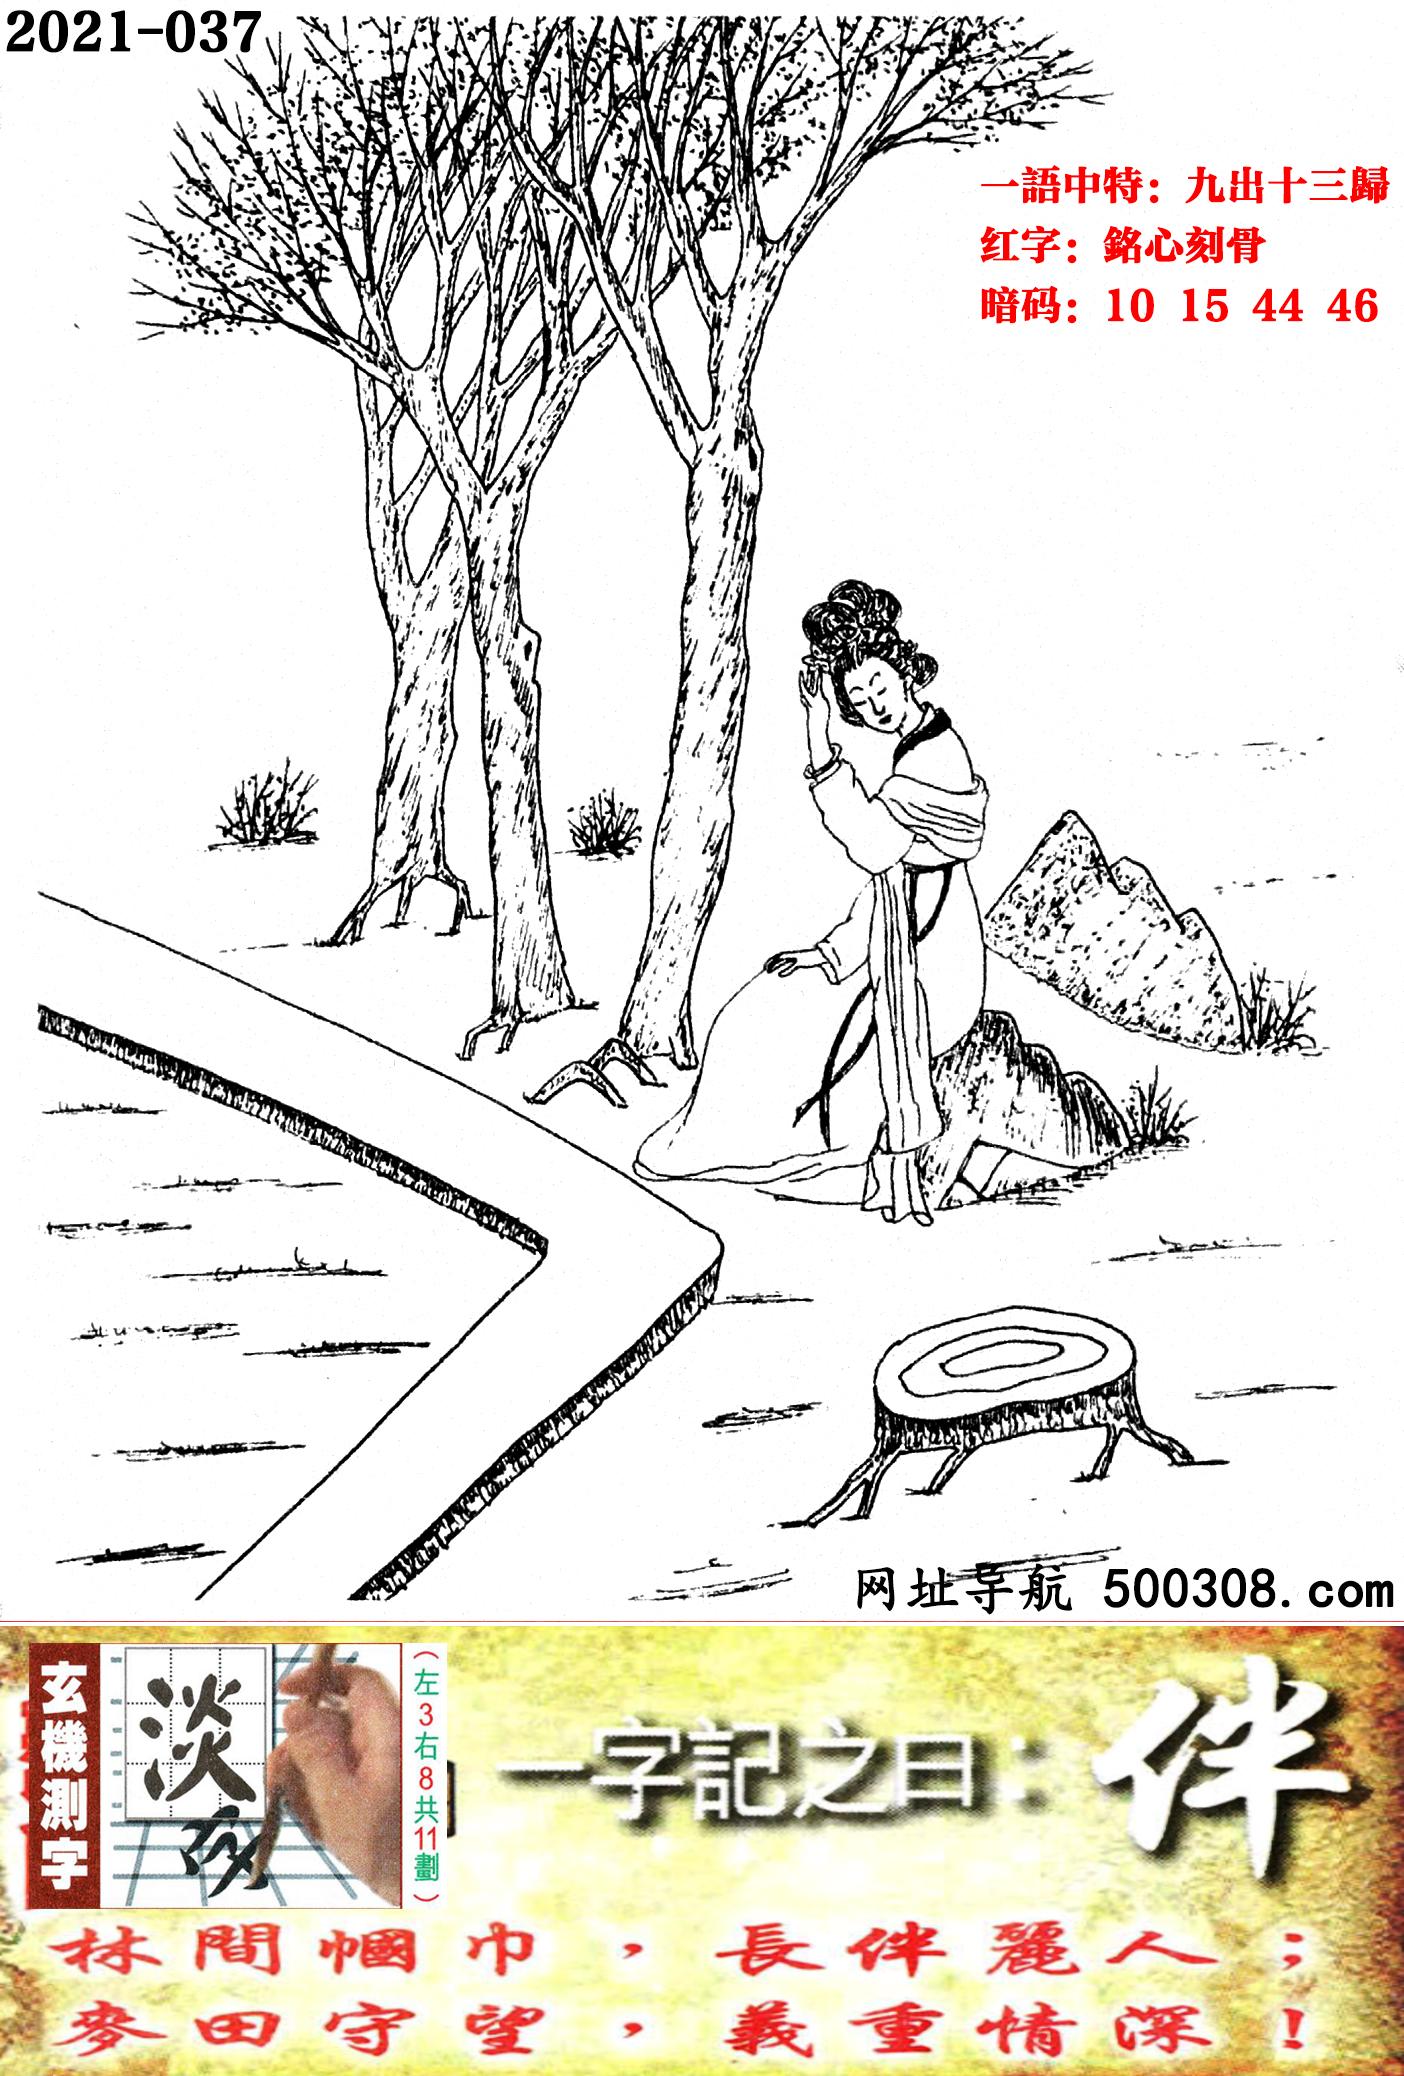 037期跑狗一字�之曰:【伴】_林�g�浇恚��L伴��人;��田守望,�x重情深!